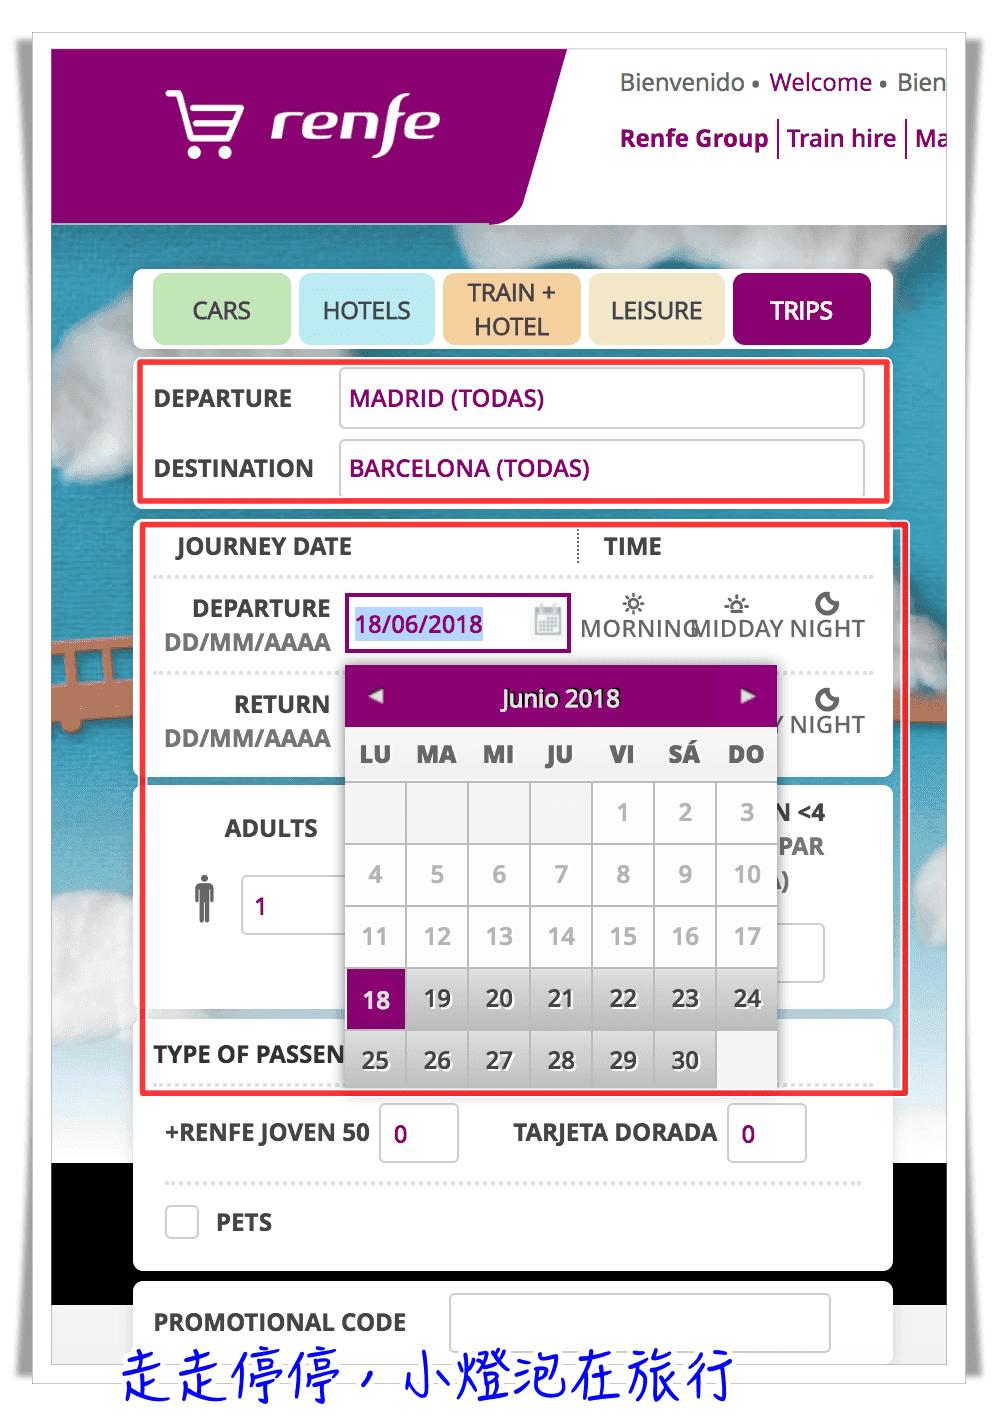 西班牙國鐵火車renfe早鳥訂票步驟教學|搞定西班牙自由行城市移動第一步~